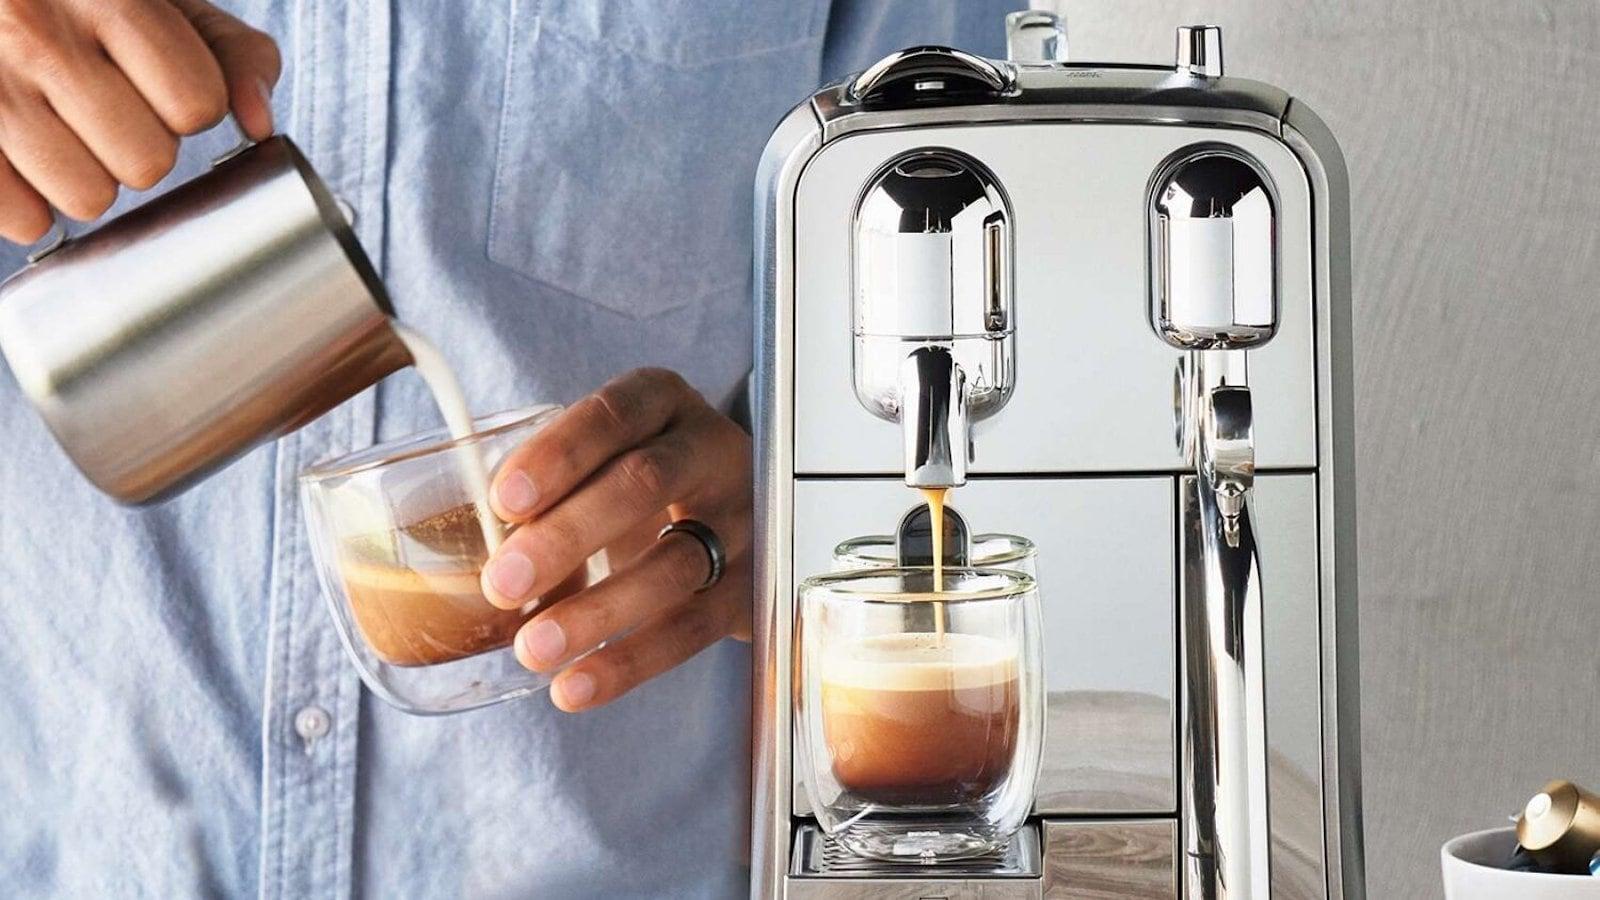 Nespresso Creatista Plus espresso drink maker heats up in only 3 seconds